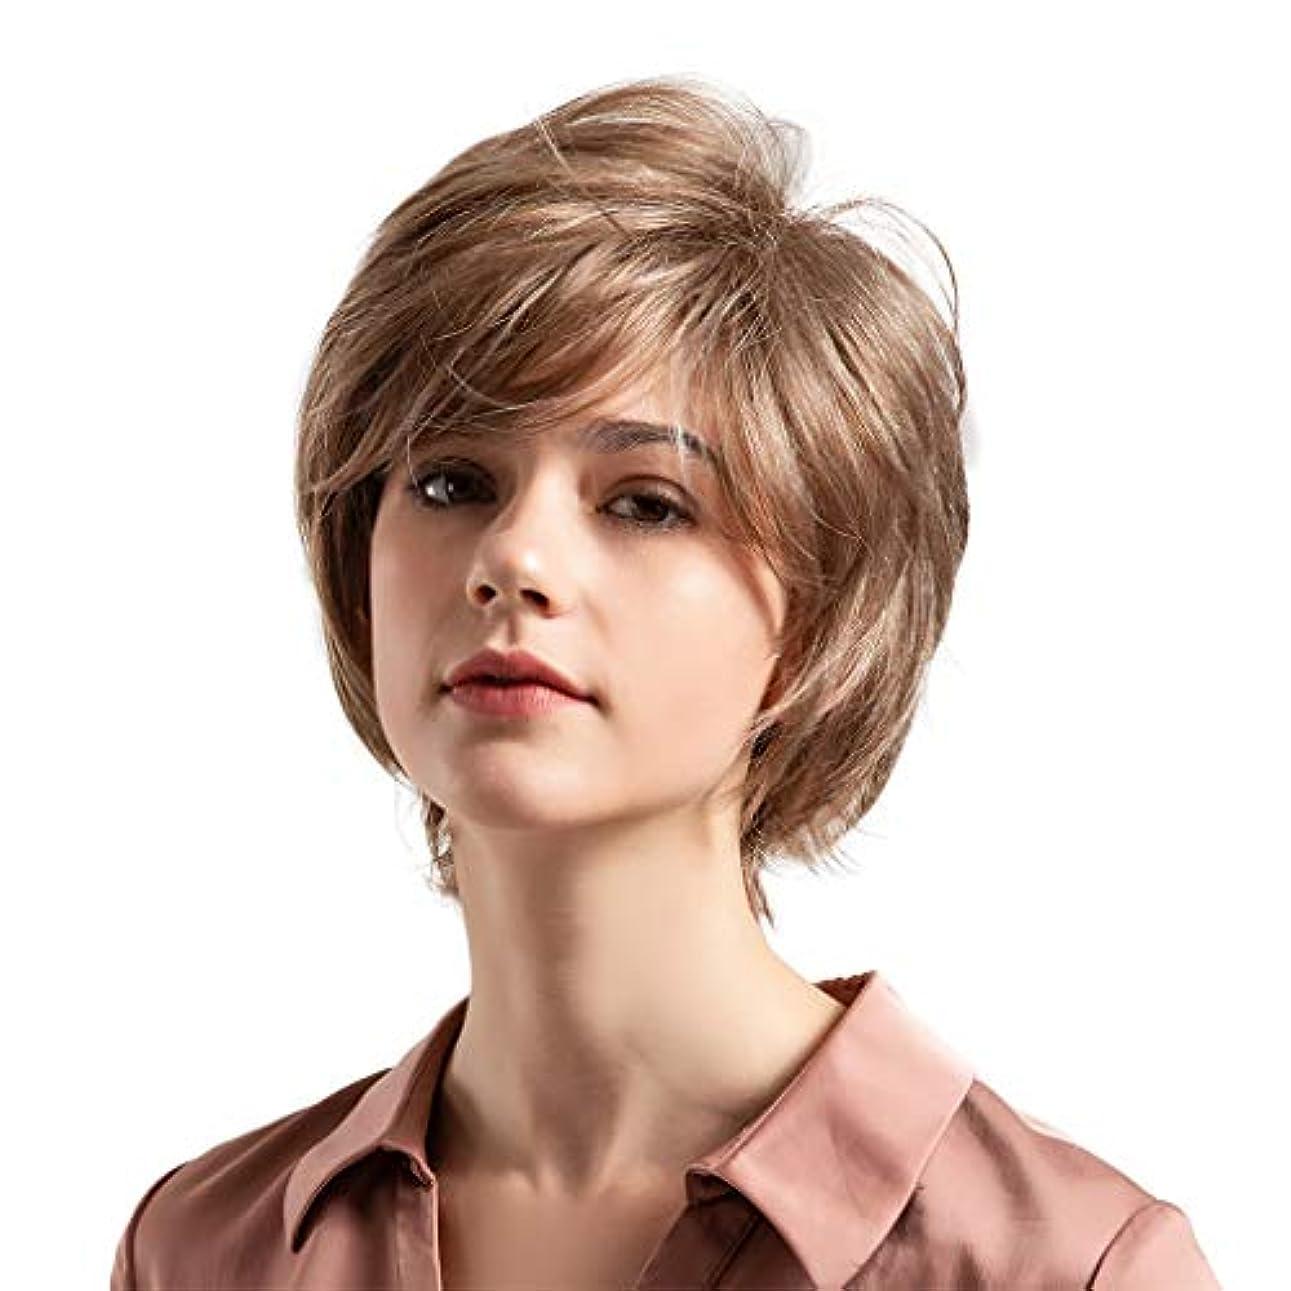 甘くする相対性理論繰り返した薄茶色の混合色の自然な巻き毛の短い髪の かつら